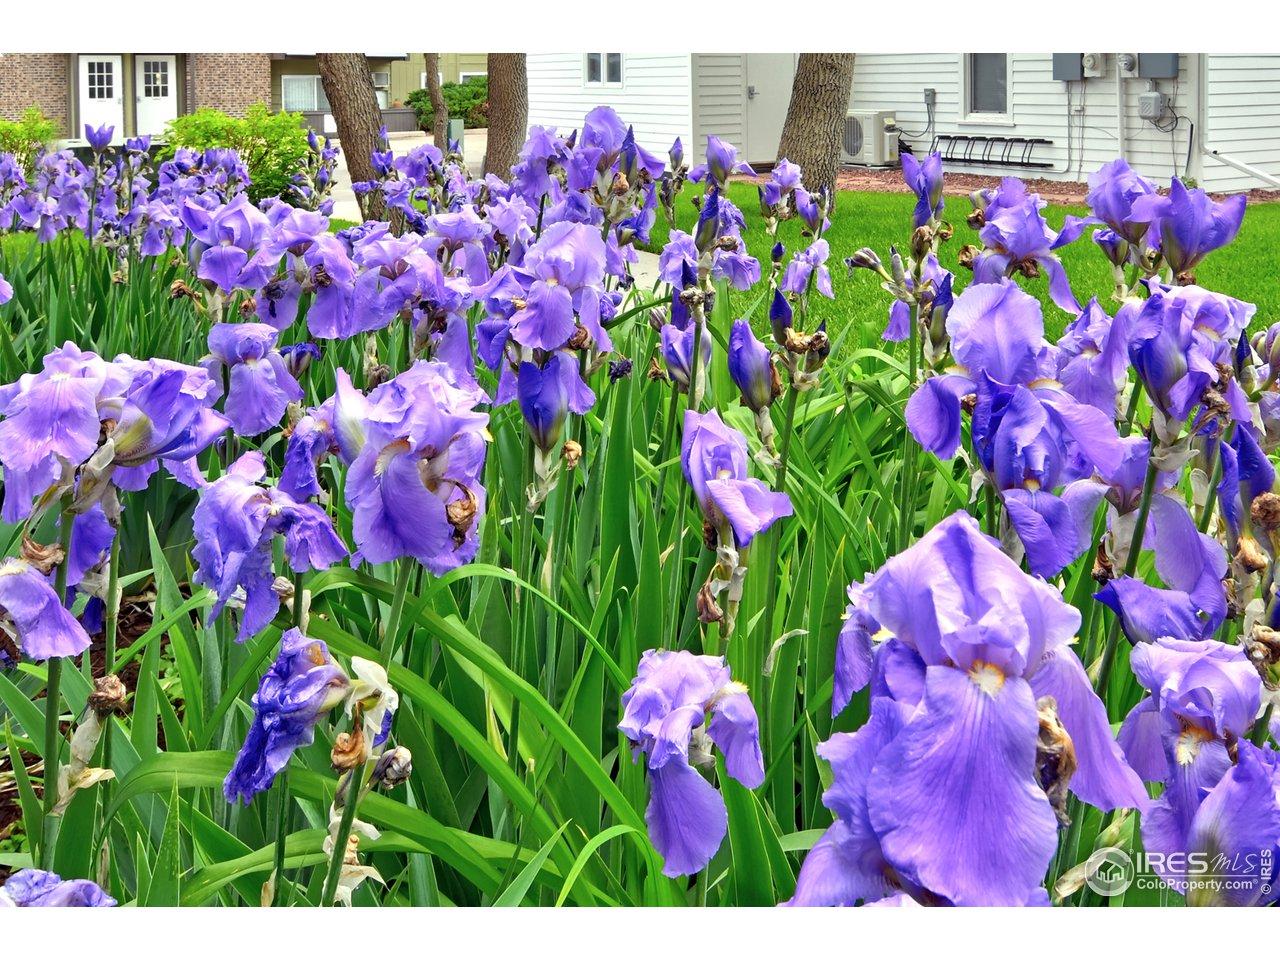 Iris in bloom in front of condo